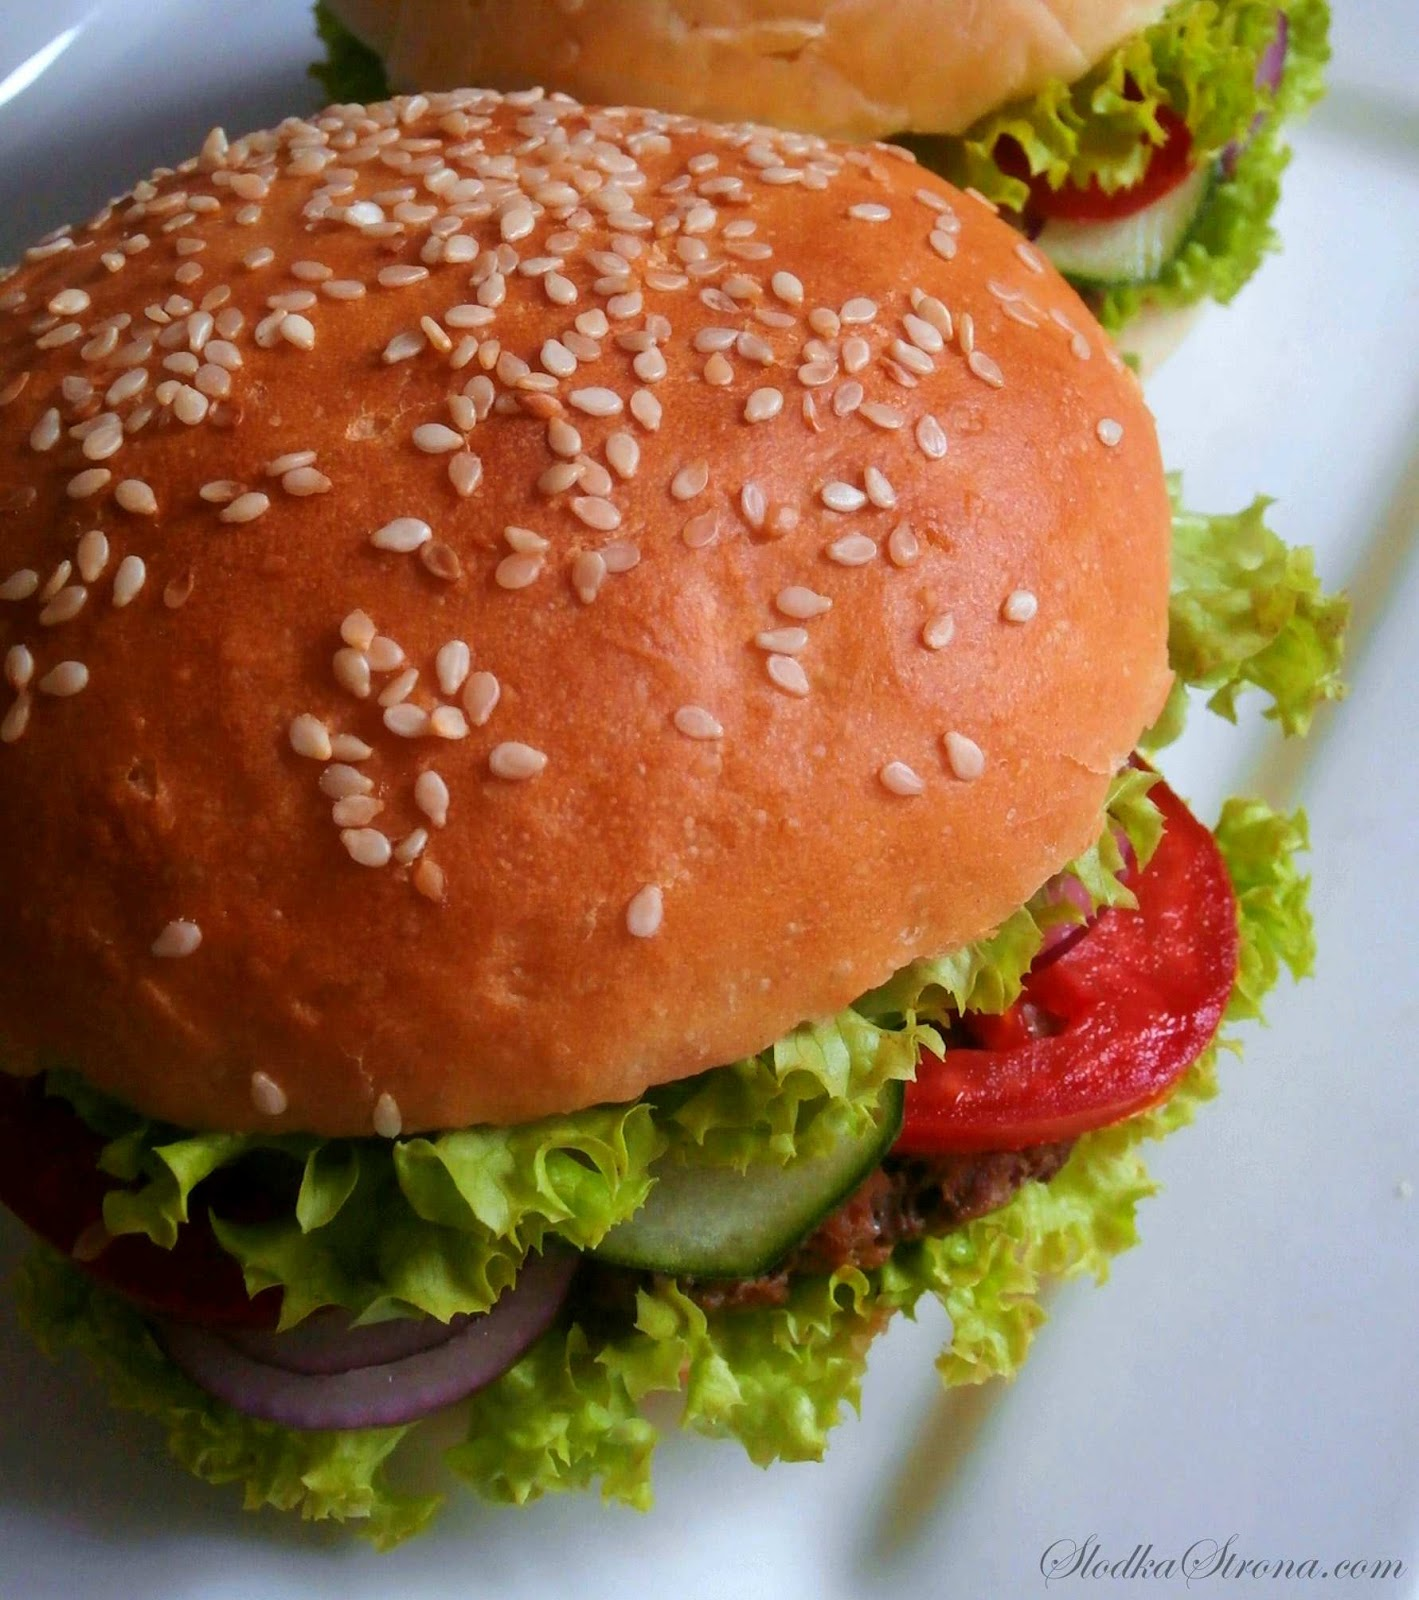 Domowe Hamburgery - Przepis - Słodka Strona